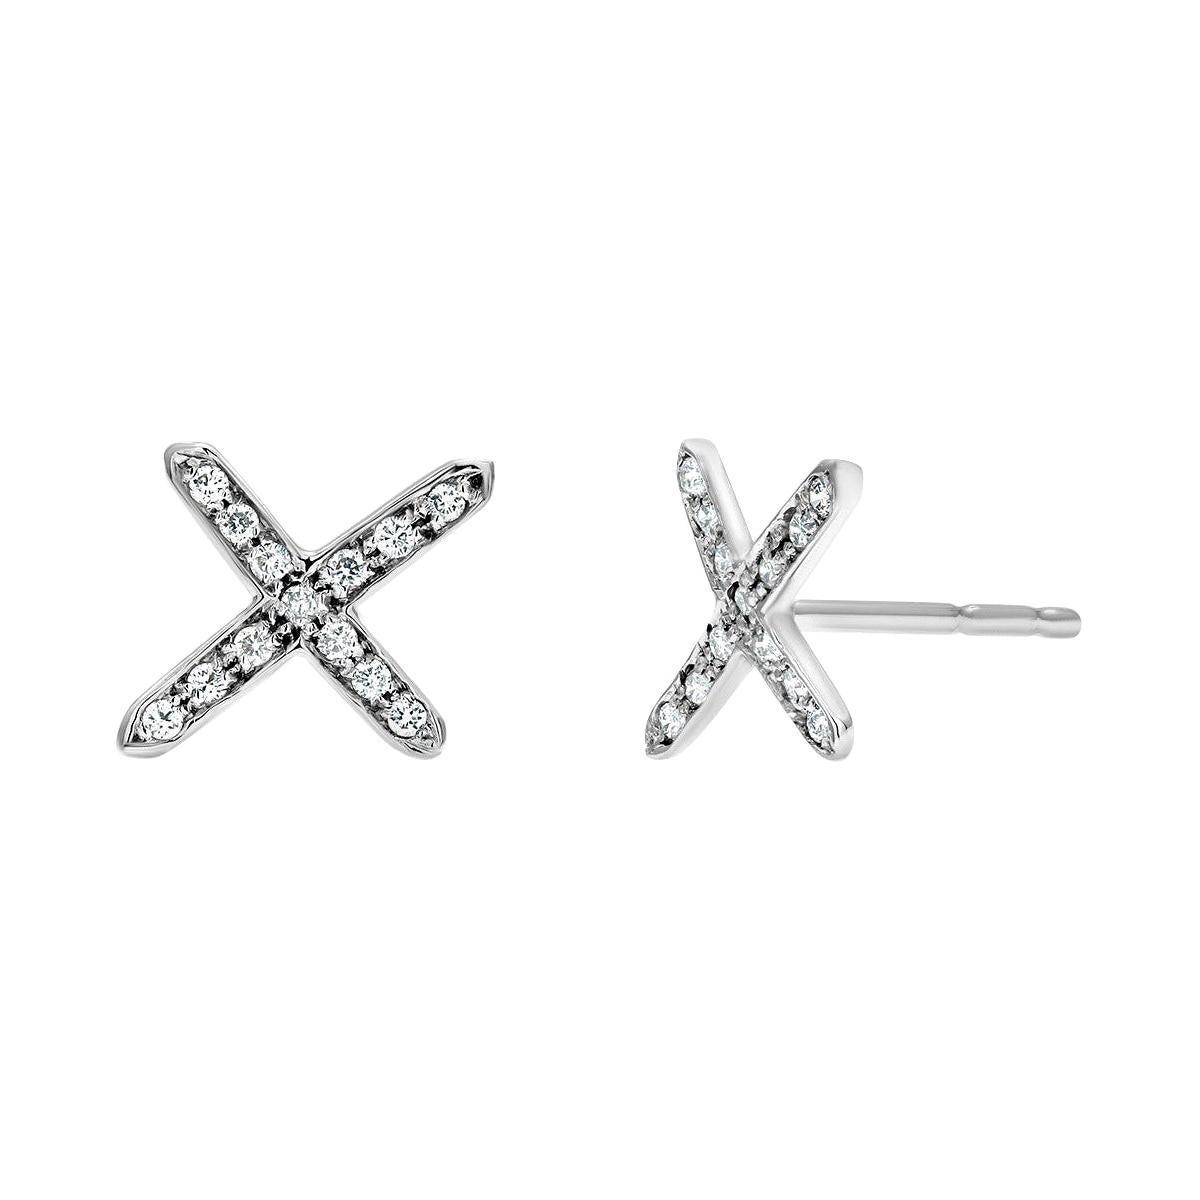 White Gold Diamond Cross Stud Earrings